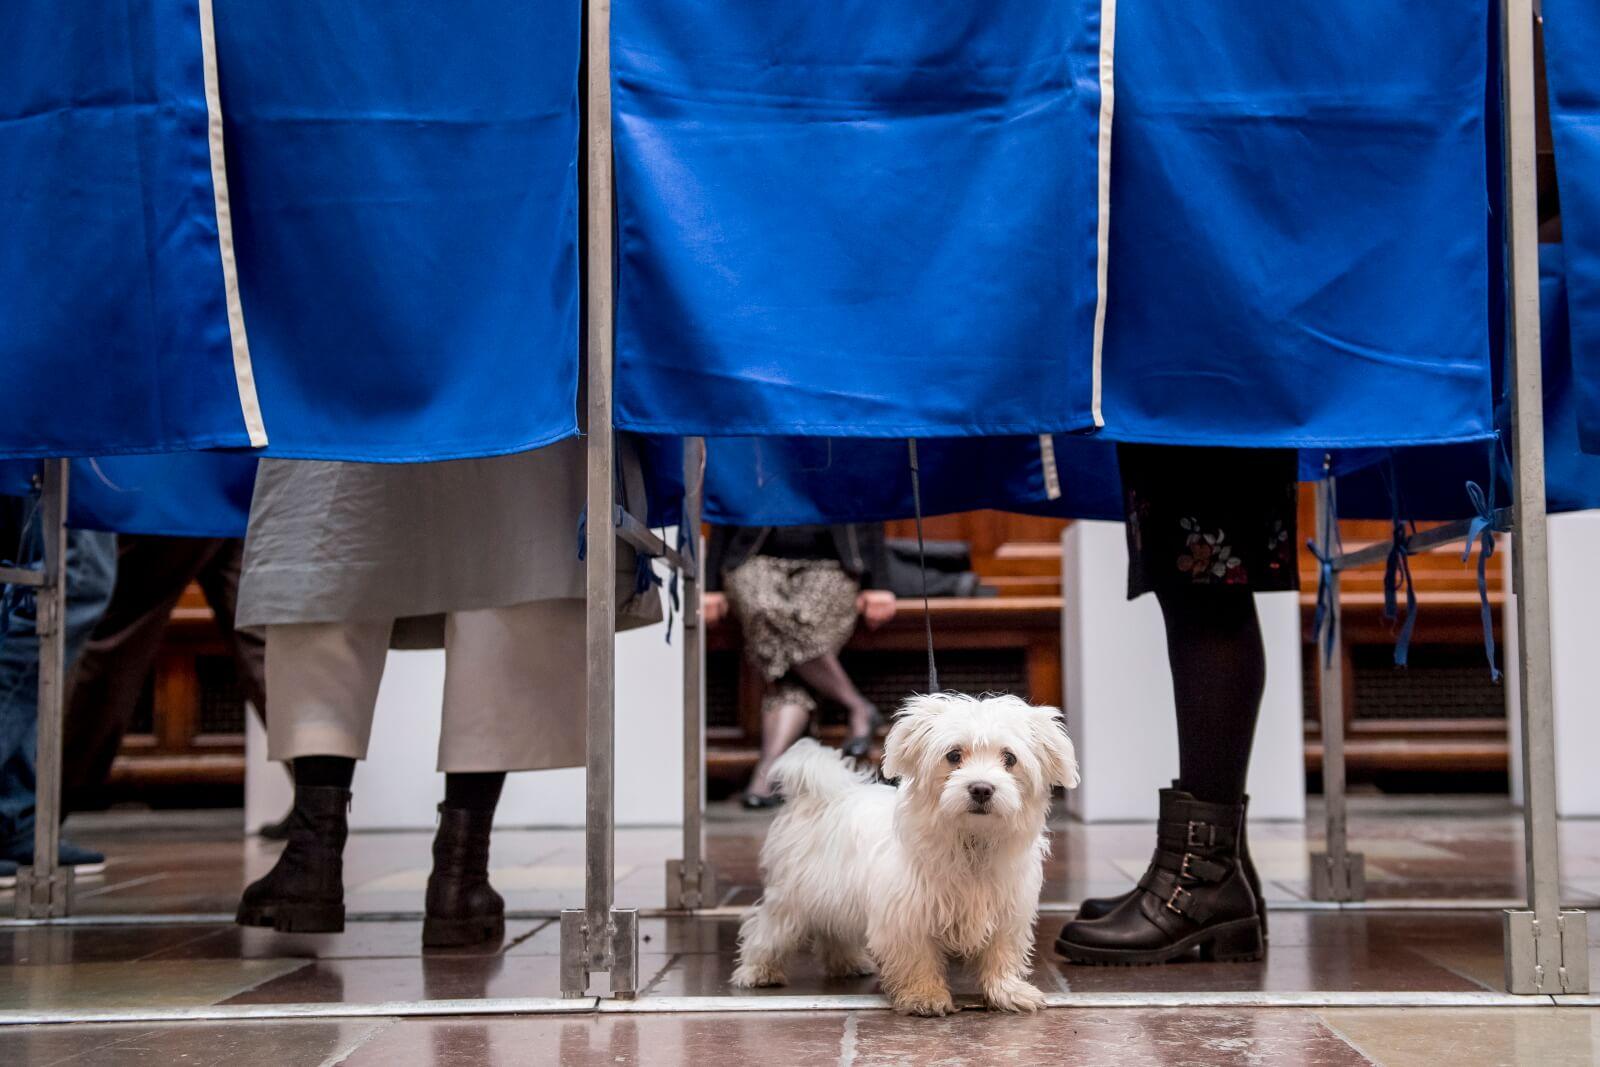 Wybory do Parlamentu Europejskiego w Danii fot. EPA/Mads Claus